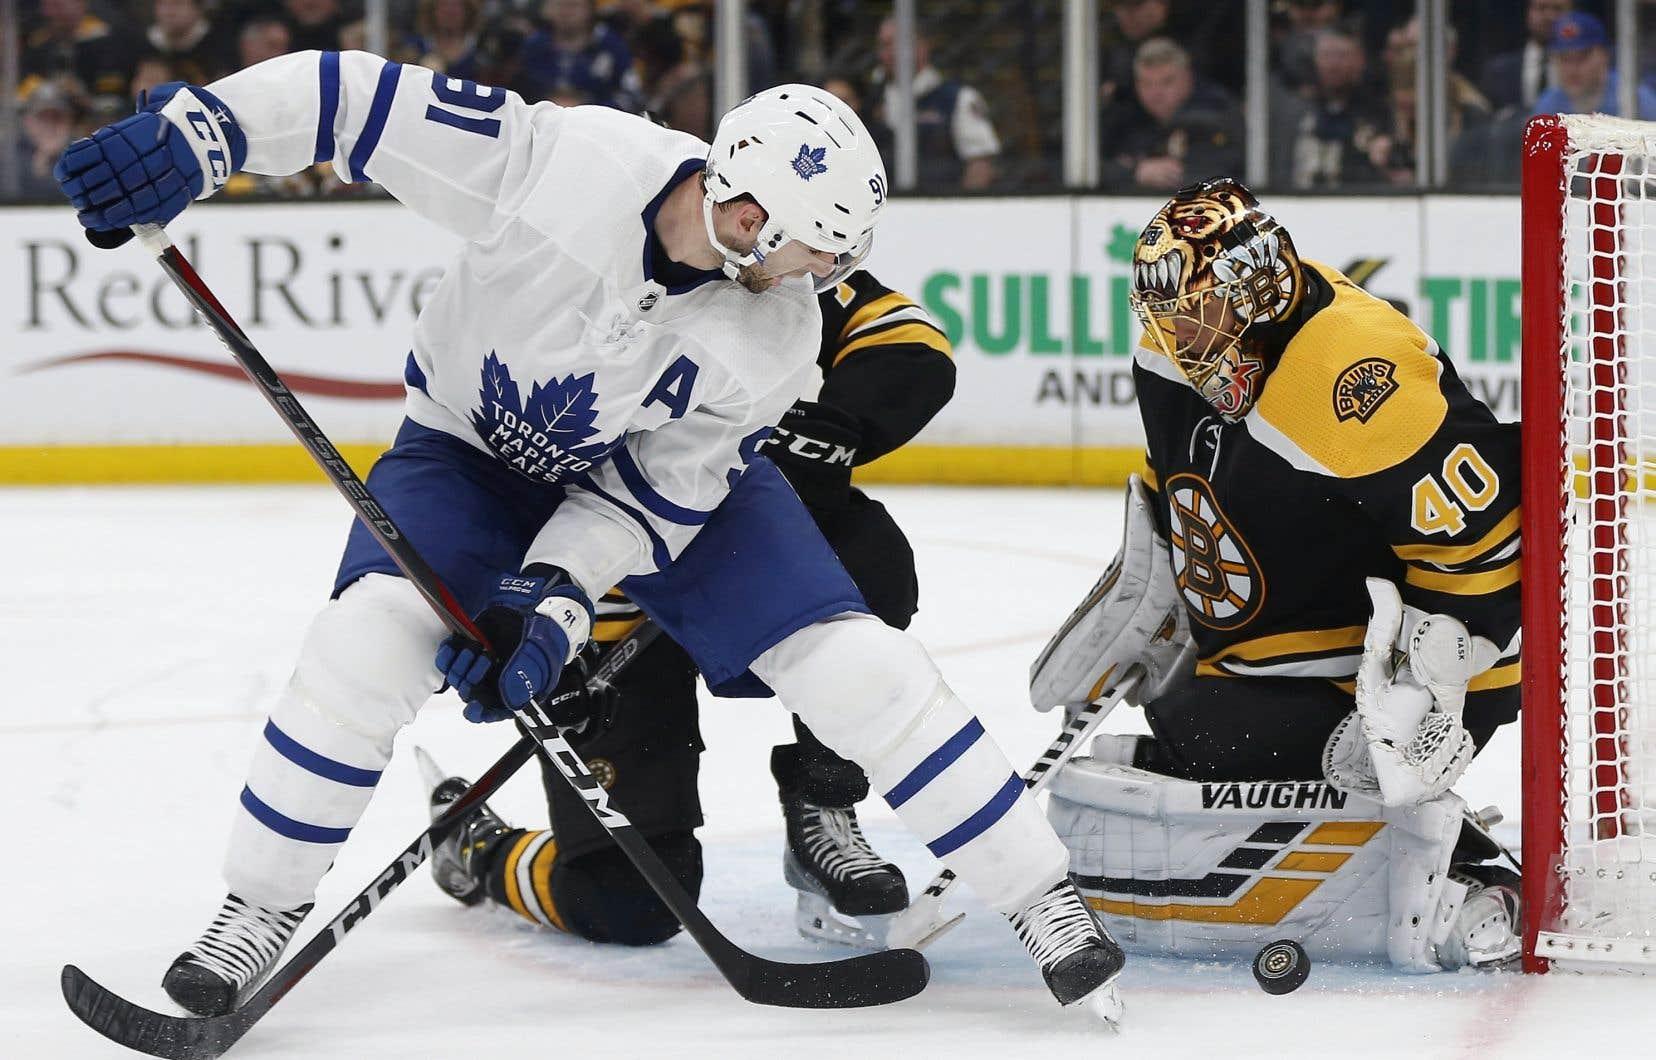 Les Maple Leafs de Toronto ont vaincu les Bruins de Boston 2-1.